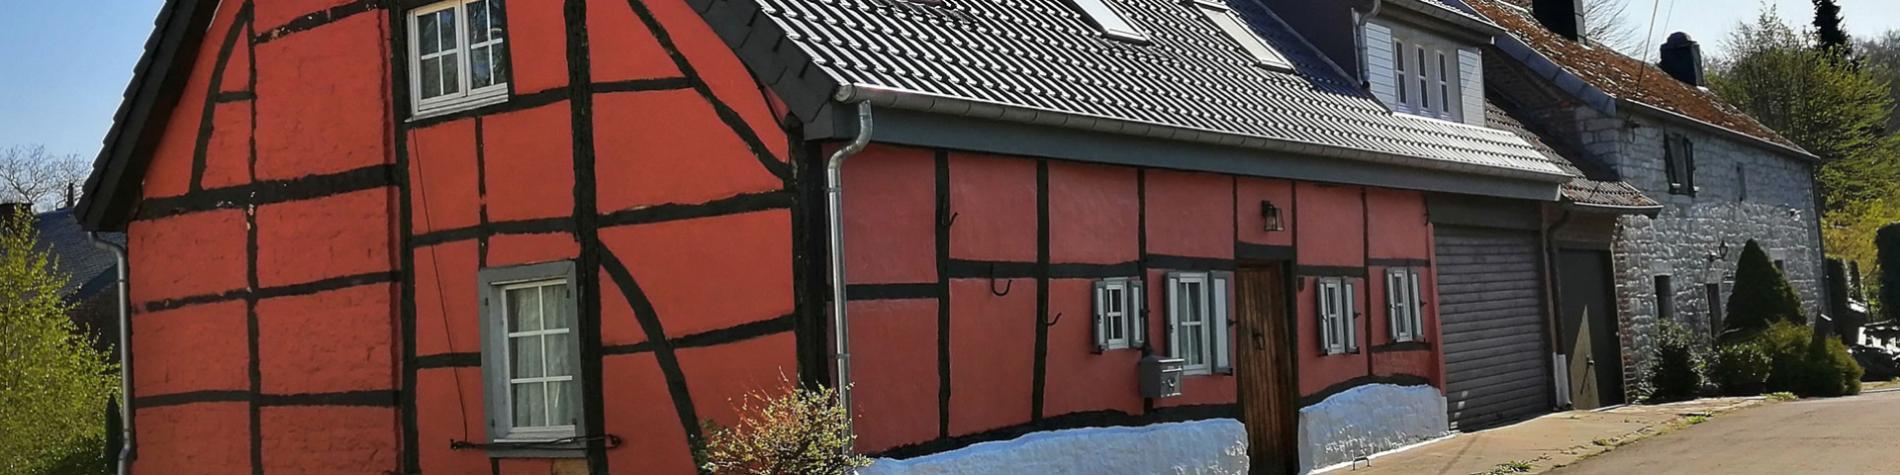 Gîte rural - La Maison Rose - Scy